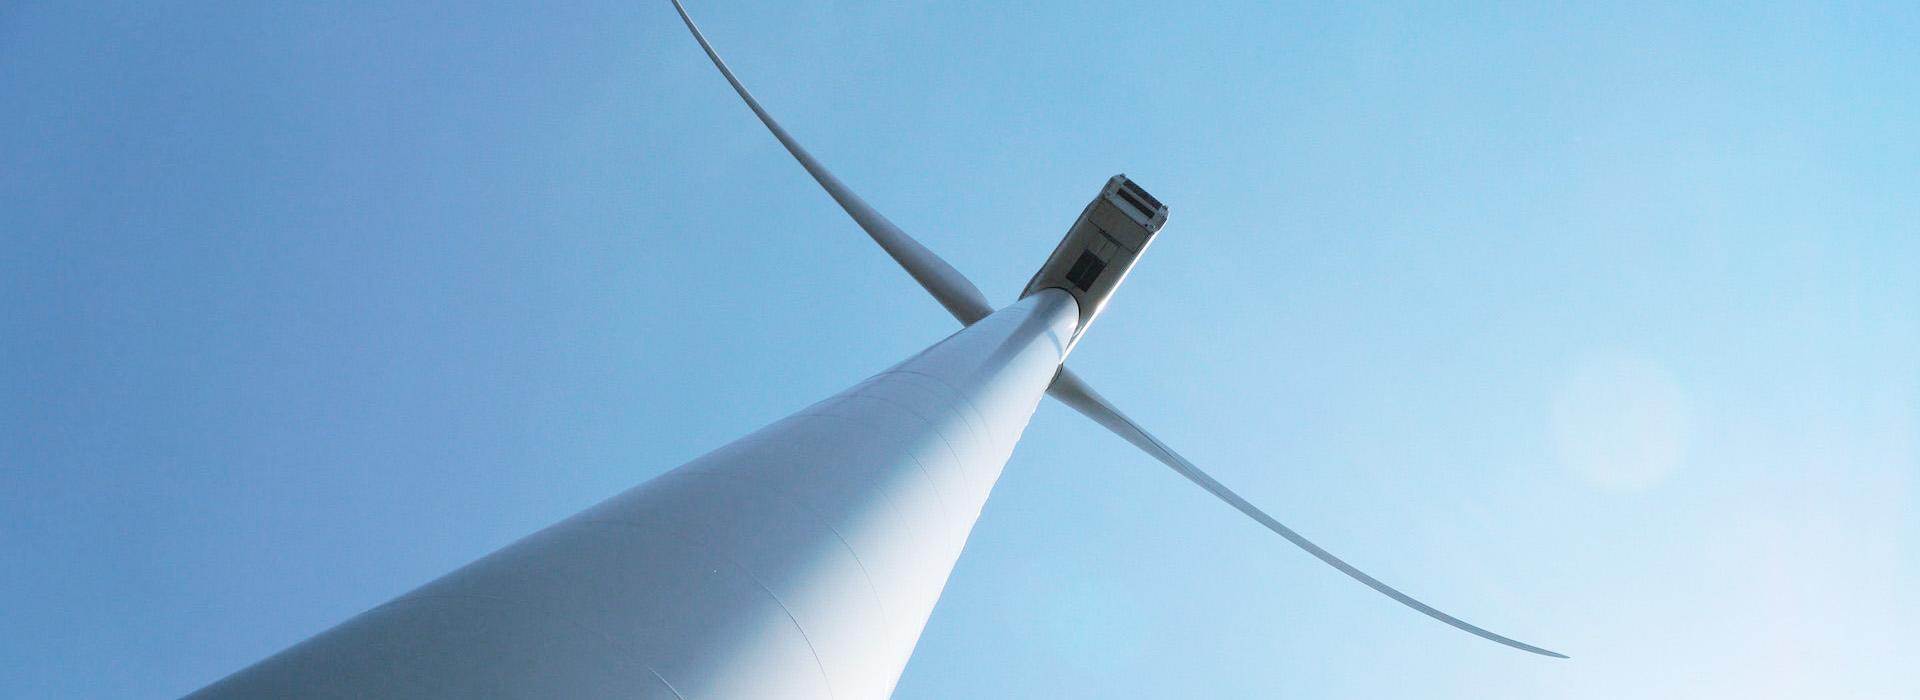 Windpark Streepland